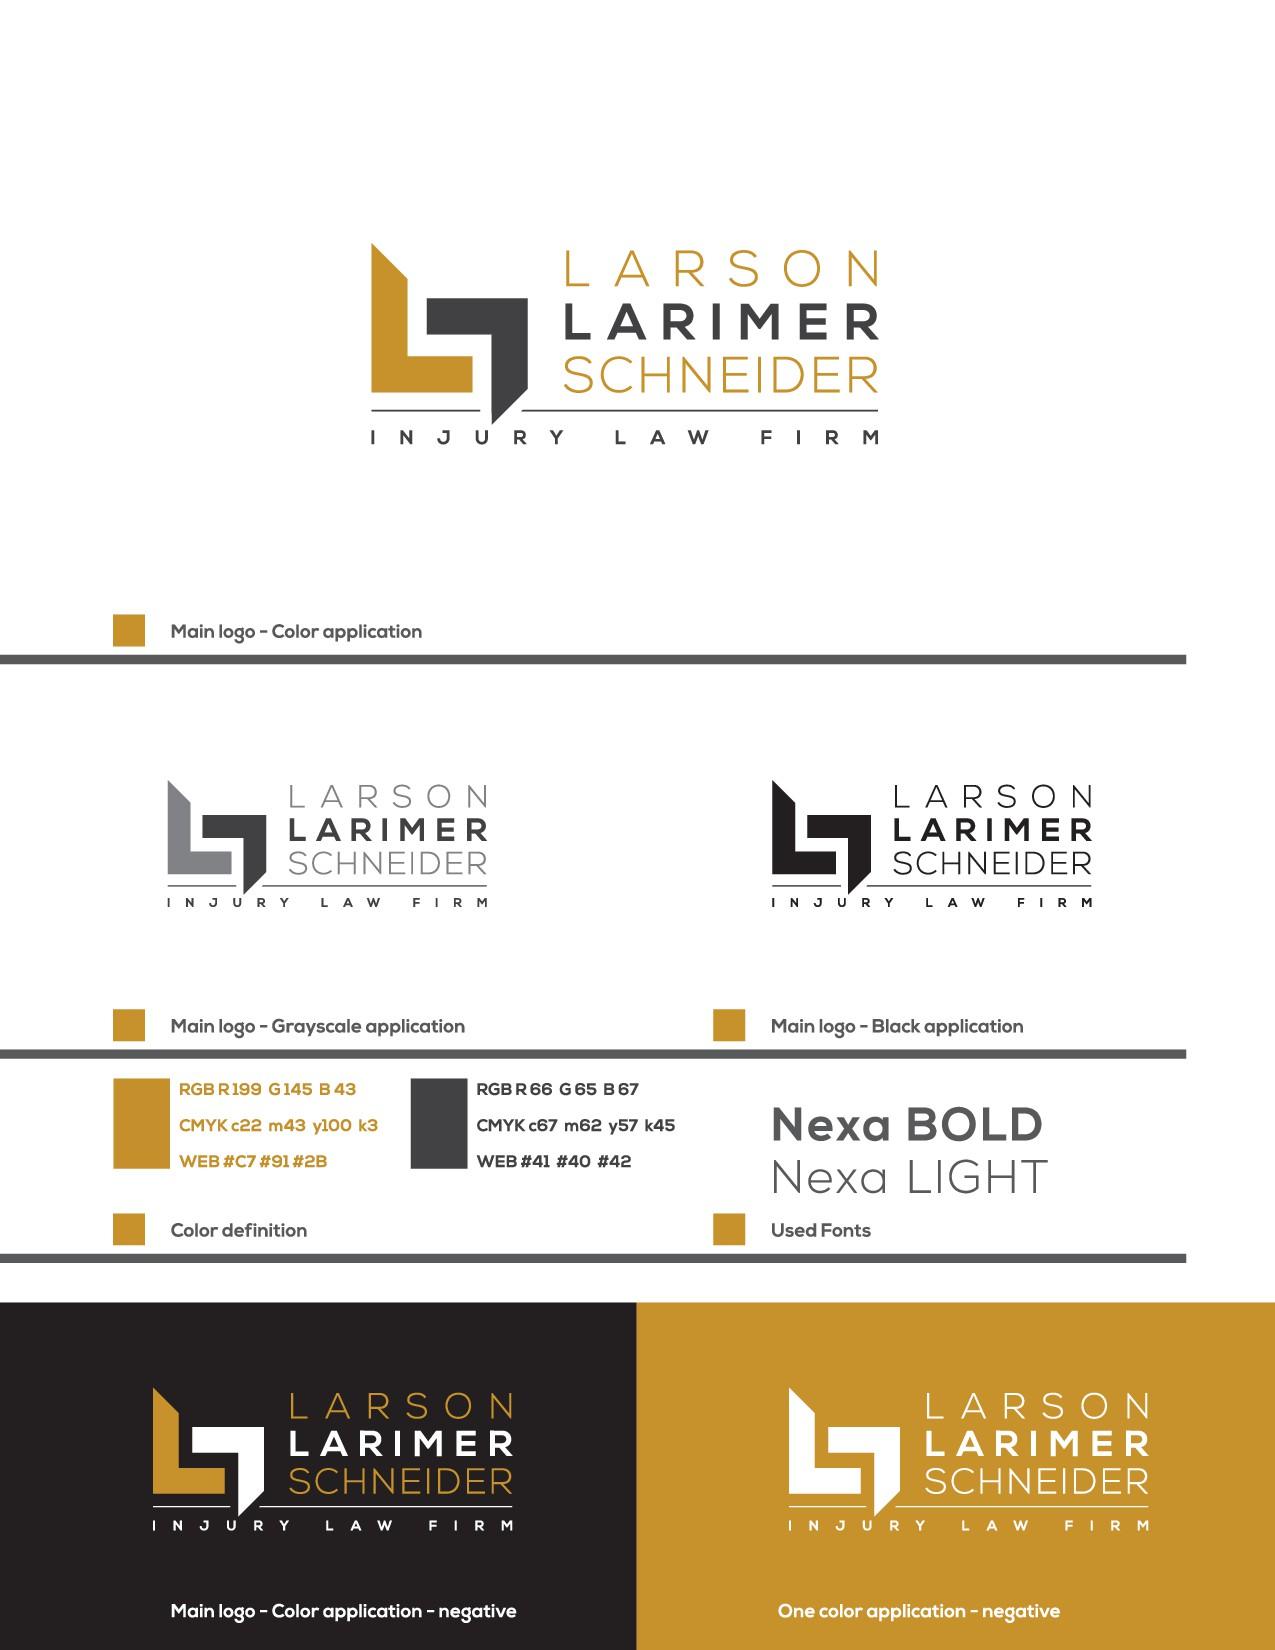 LLS Injury Law Firm